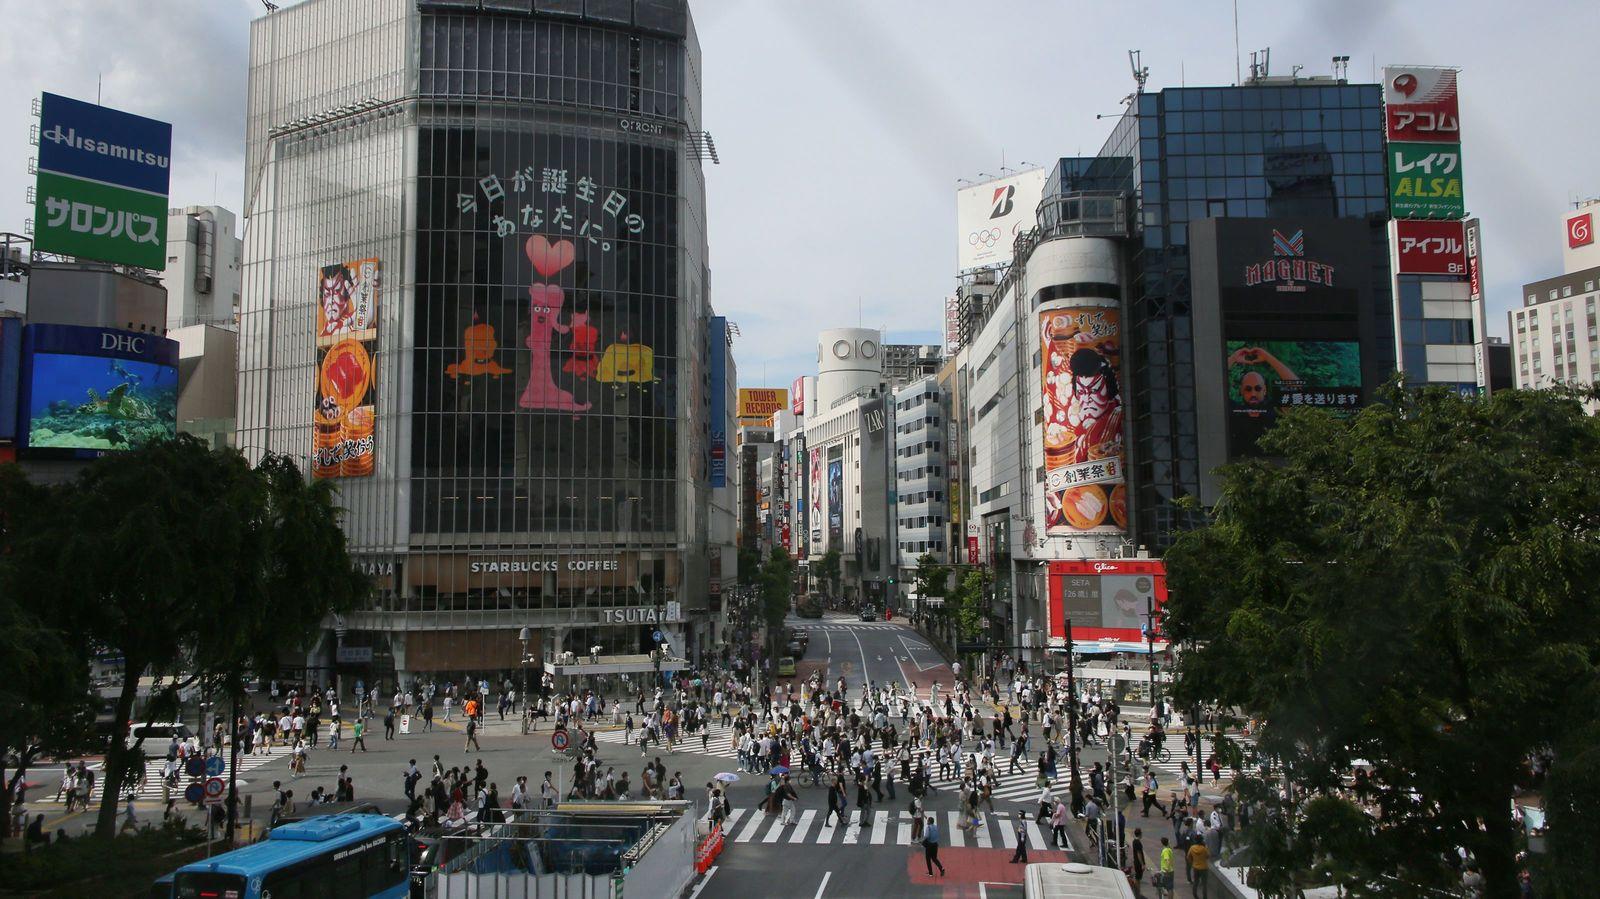 現役医師の提言「日本は日本のコロナを考えよう。過度の自粛は必要ない」 日本は「地の利」でやり過ごしている